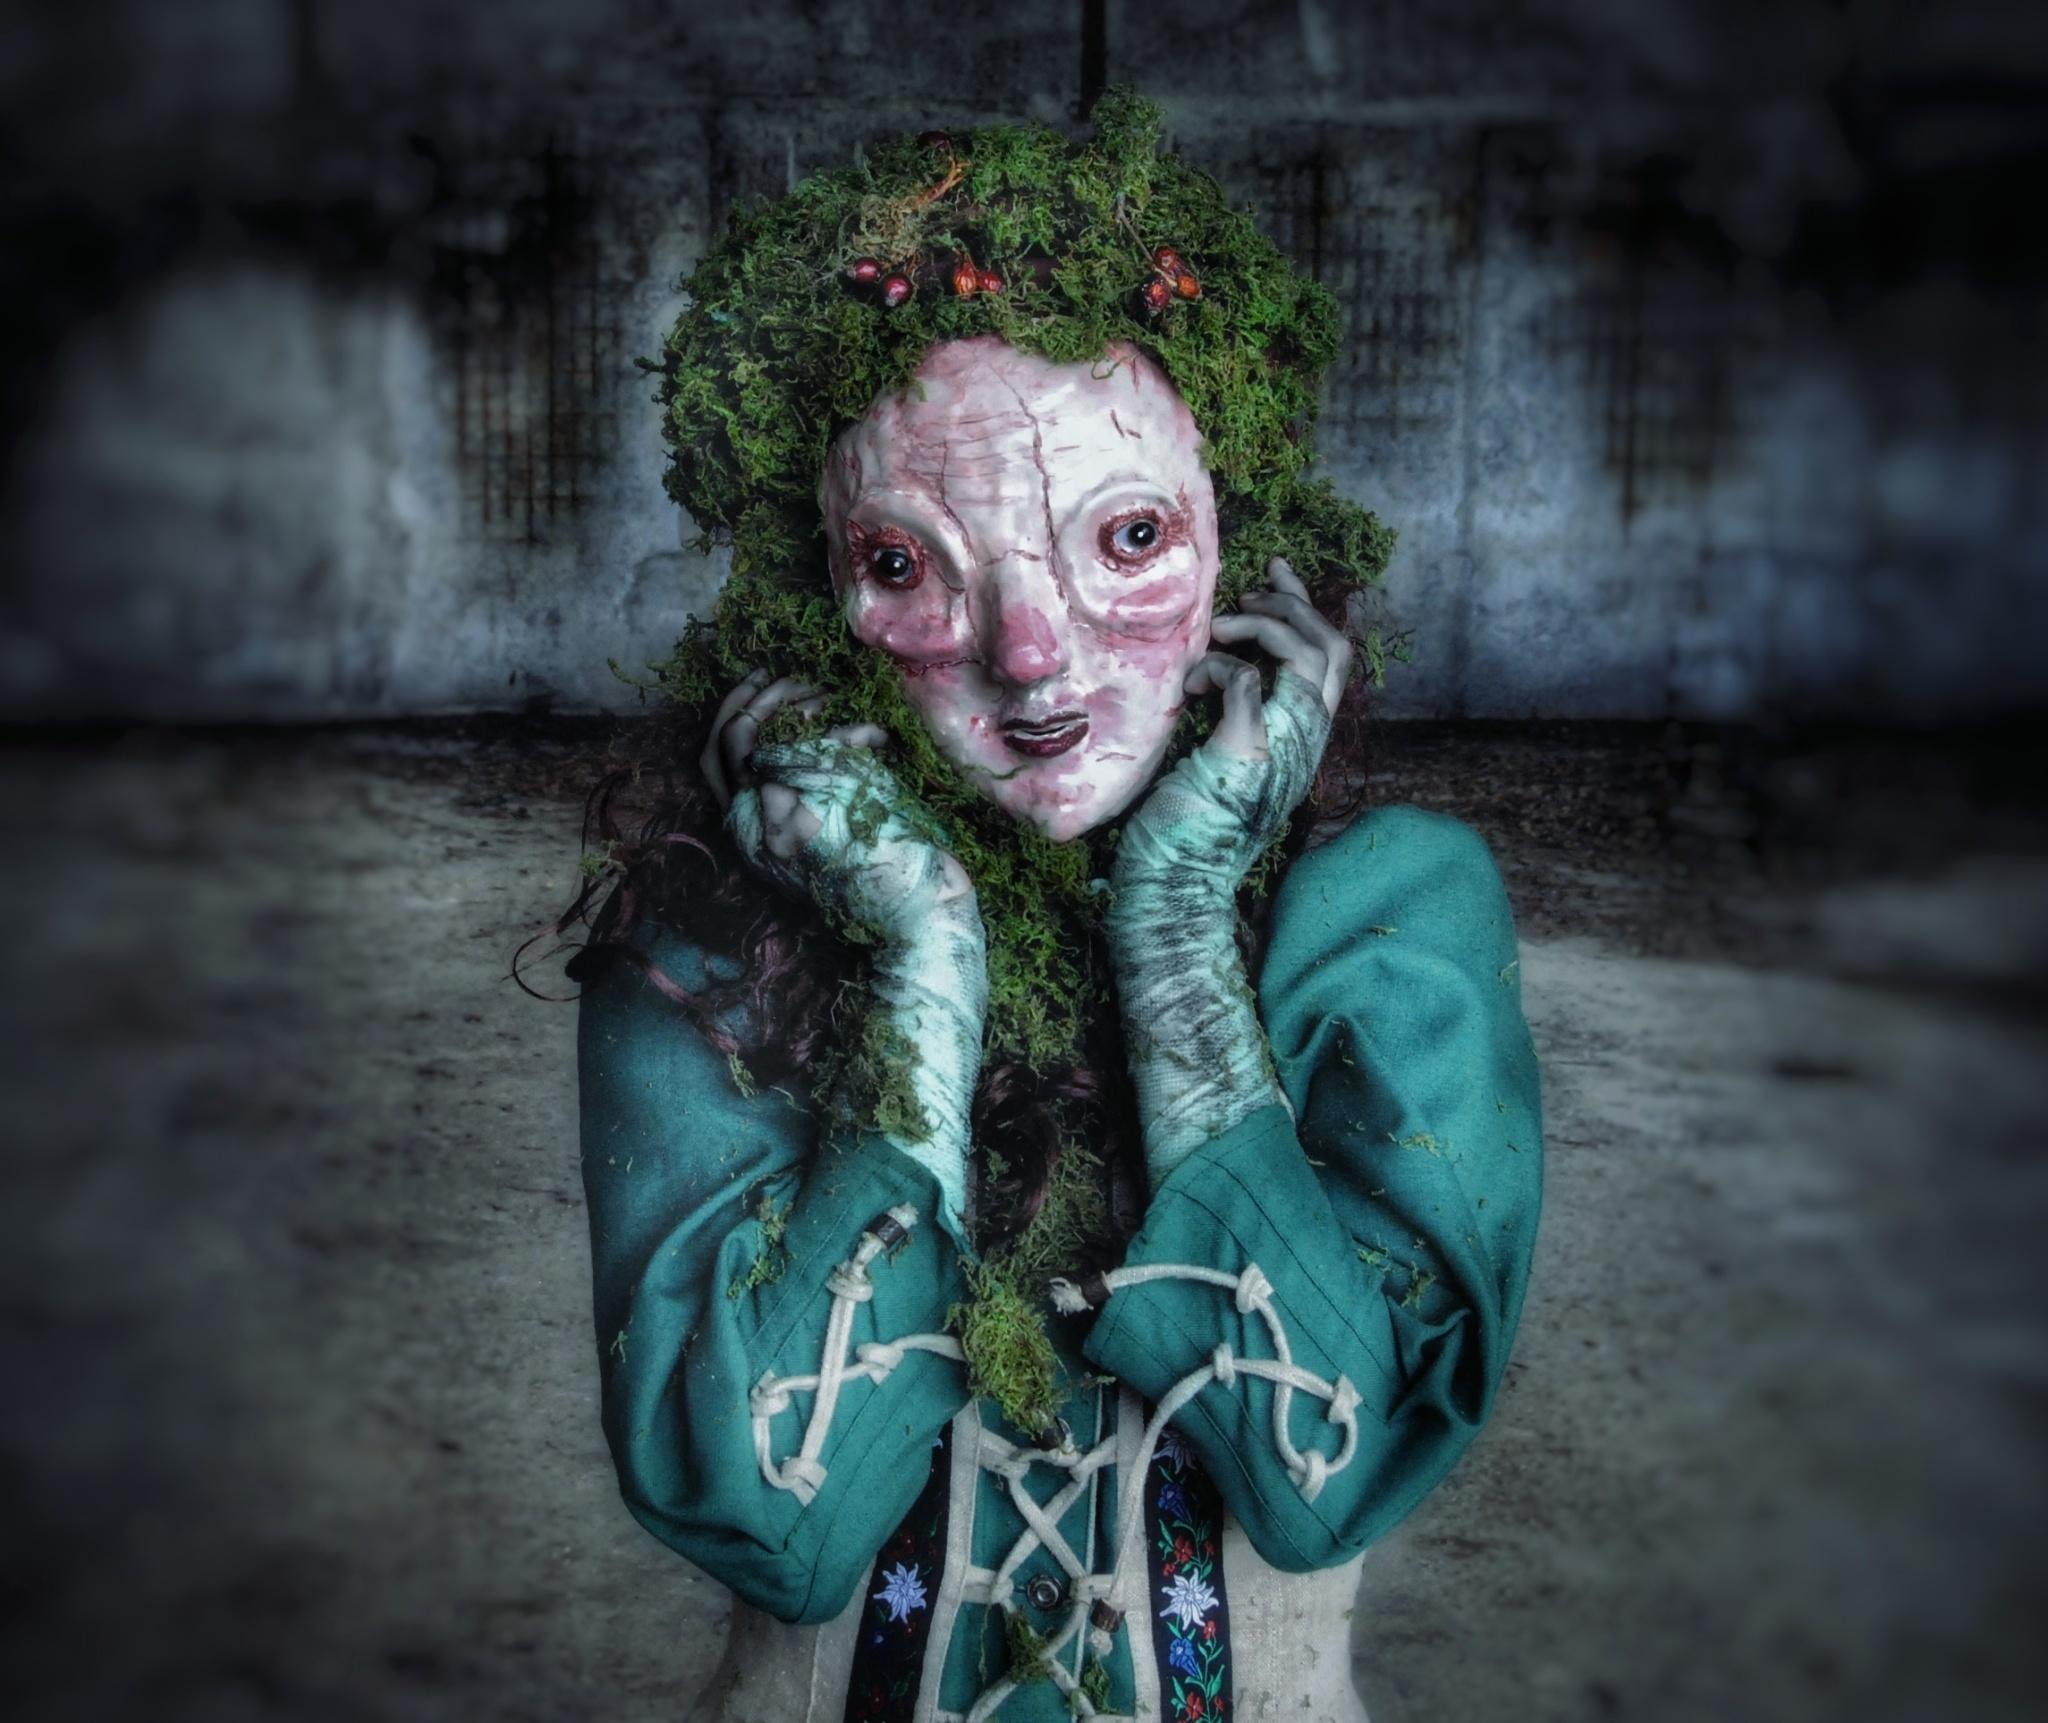 Horrorfotograf Peter Murin: Eine Maske ist inkognito und mysteriös. Ich kreiere einen Look genau so, wie ich ihn haben möchte.